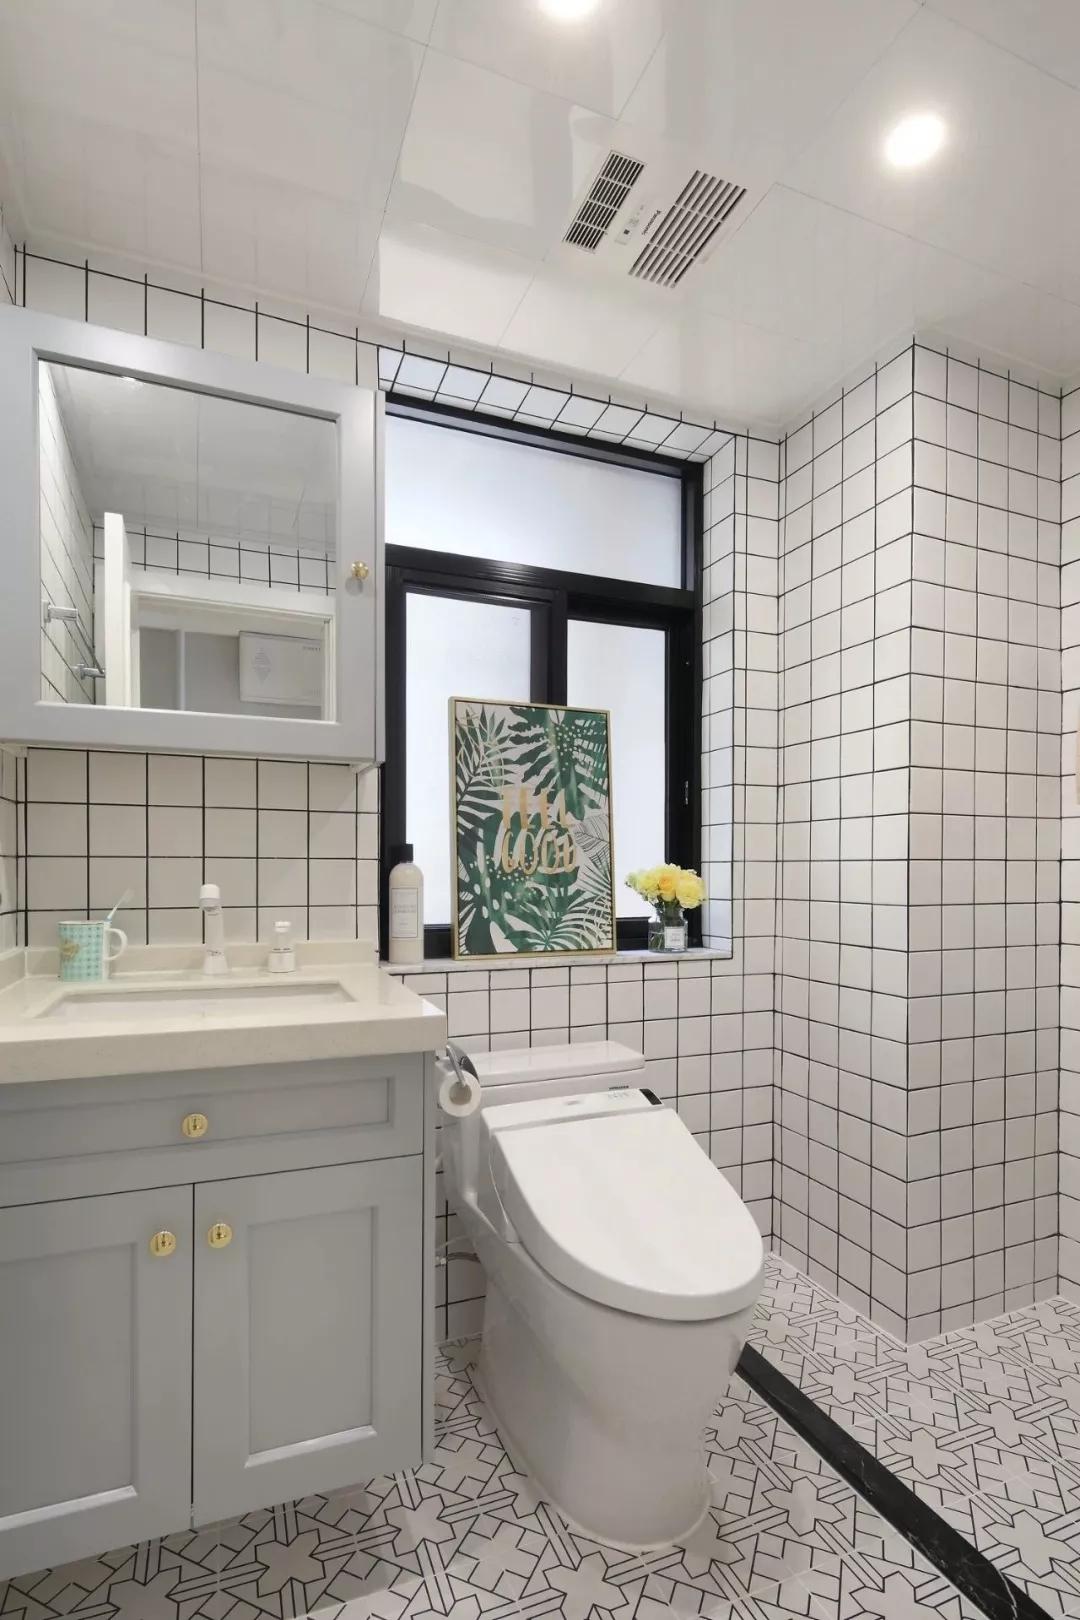 卫生间墙面铺设方形小白砖,跳跃灵动;黑色挡水条巧妙进行了干湿分离设计。